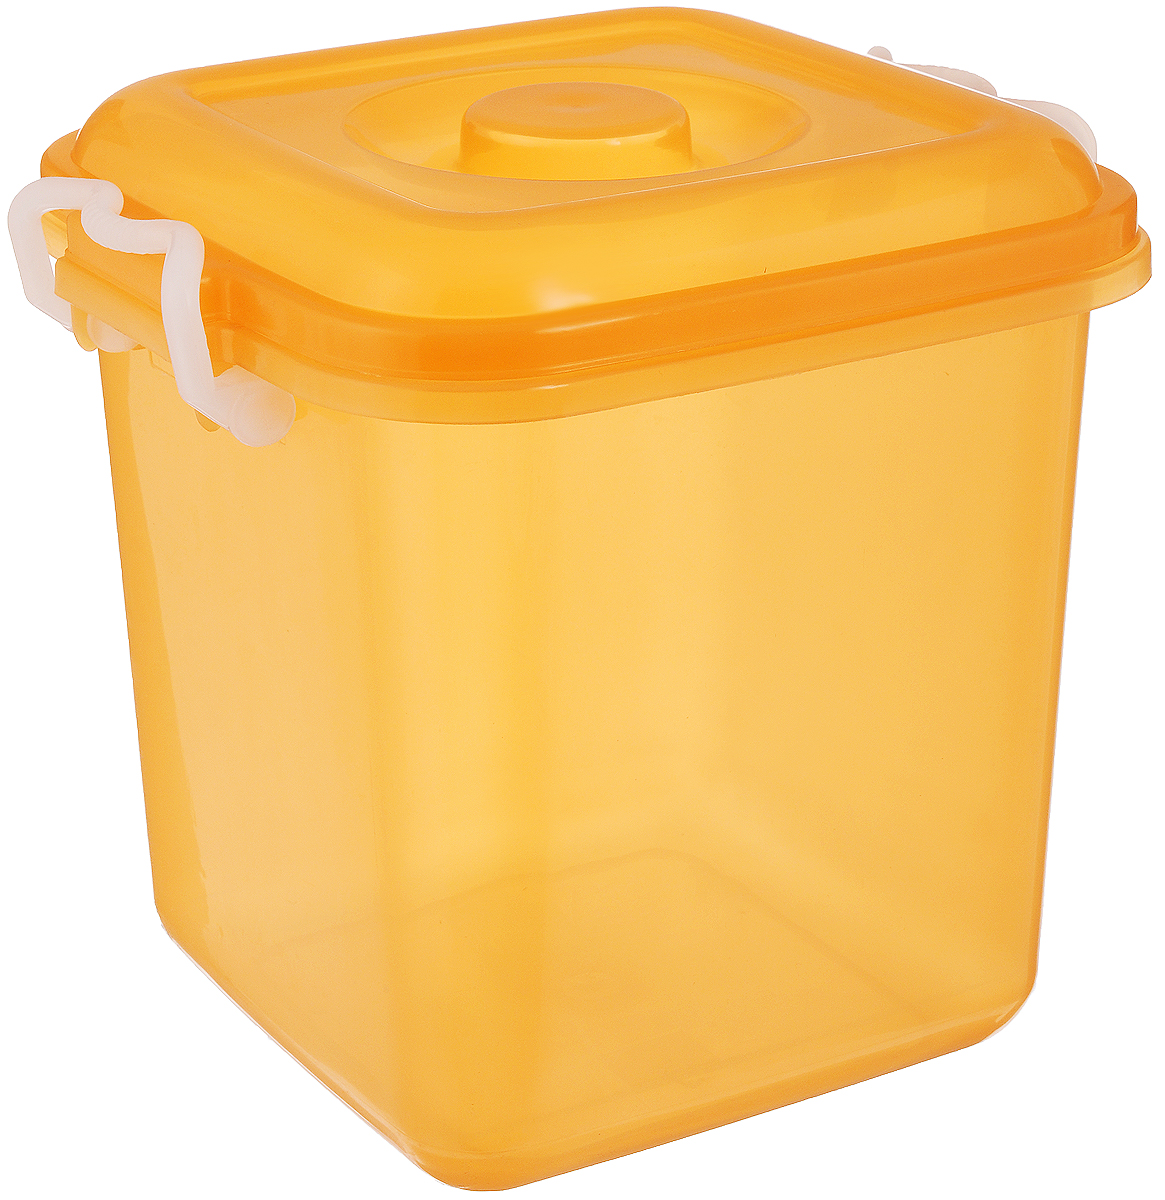 Контейнер для хранения Idea Океаник, цвет: оранжевый, 10 л контейнер для хранения idea океаник цвет голубой 20 л